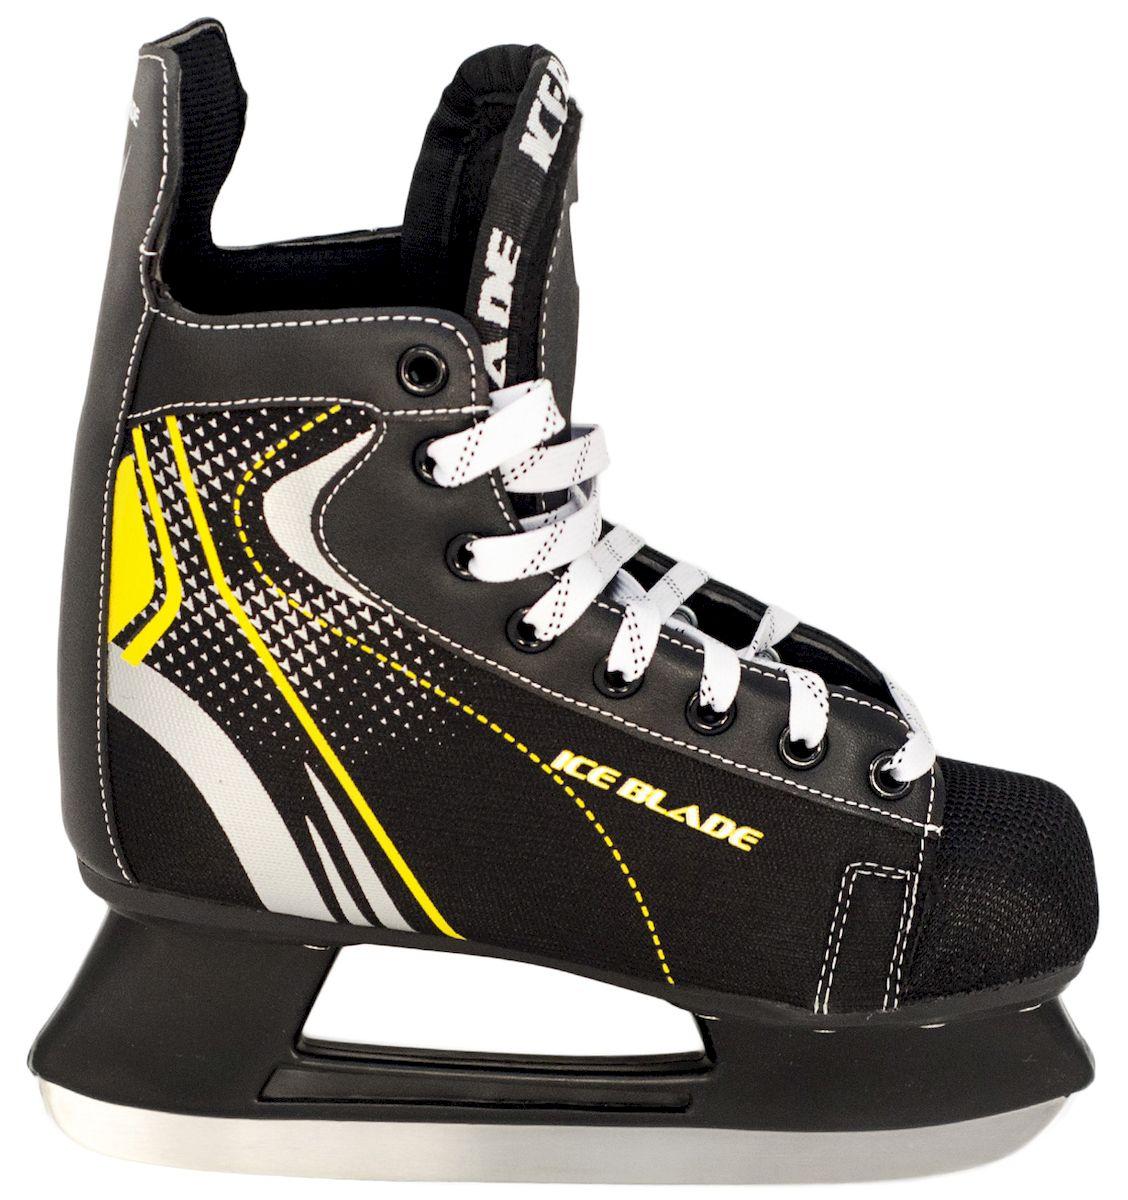 Коньки хоккейные Ice Blade Shark, цвет: черный, желтый. УТ-00006841. Размер 38